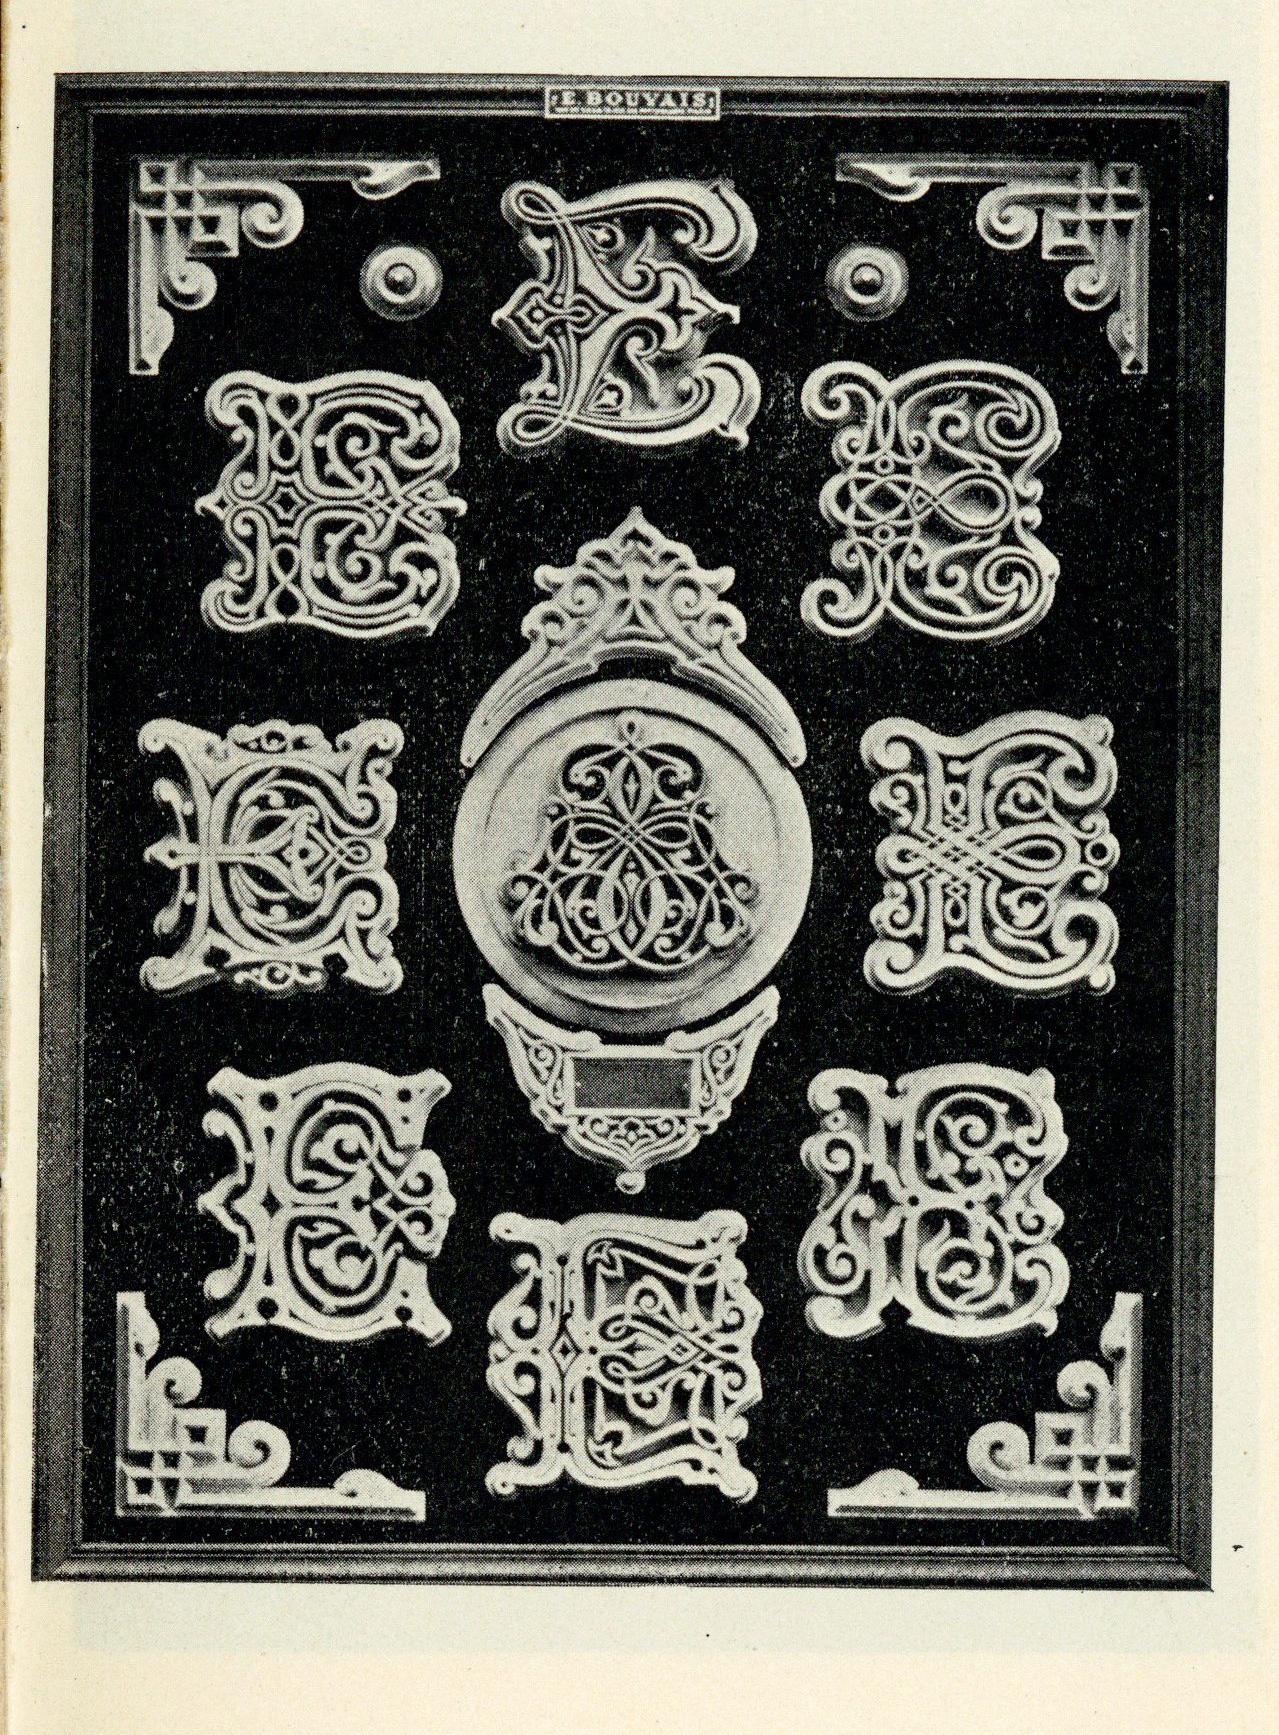 Emile-Bouvais-Lettres-Sculptees